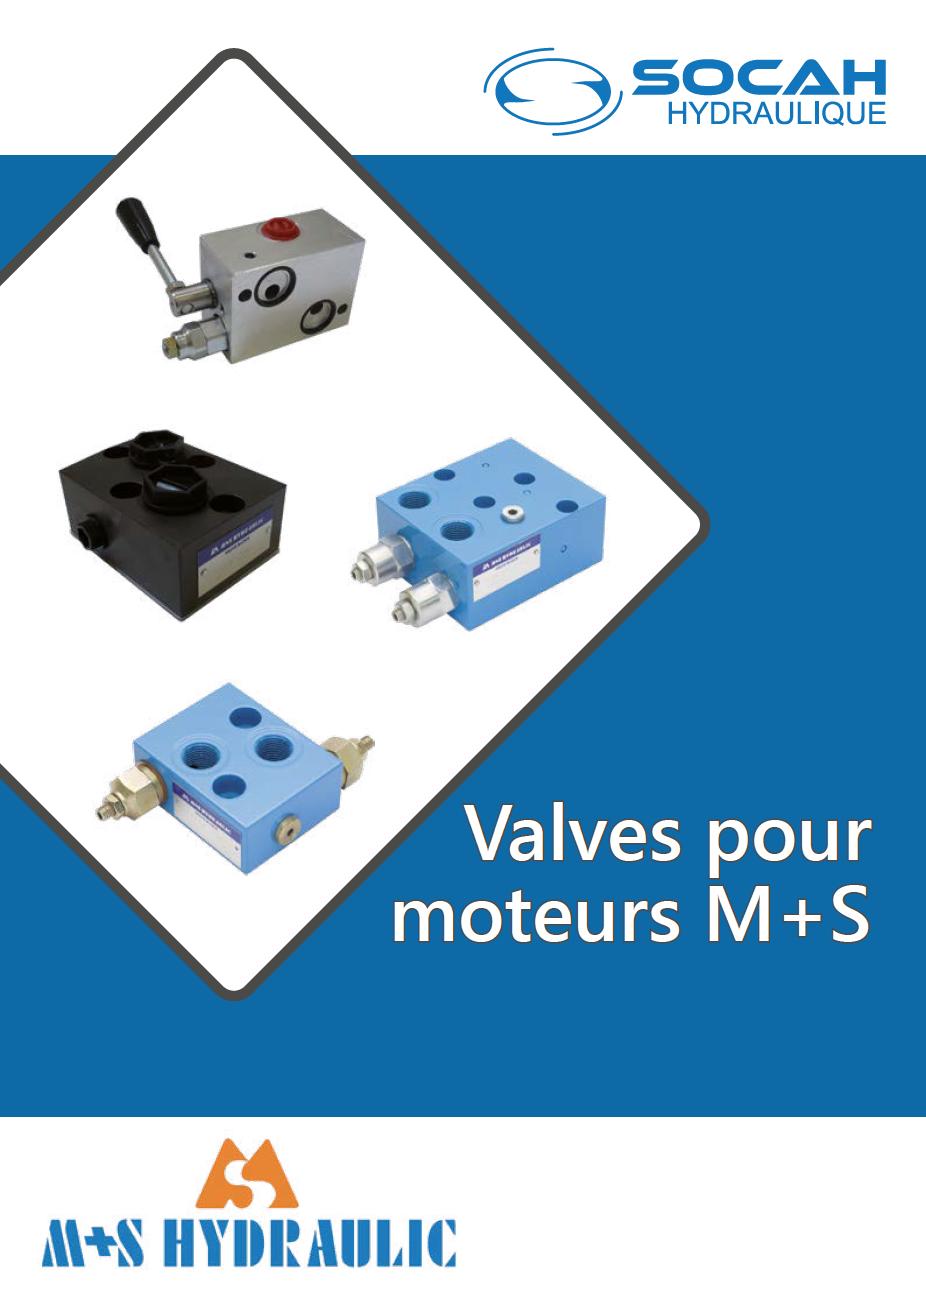 Fiche technique valves pour moteurs M+S